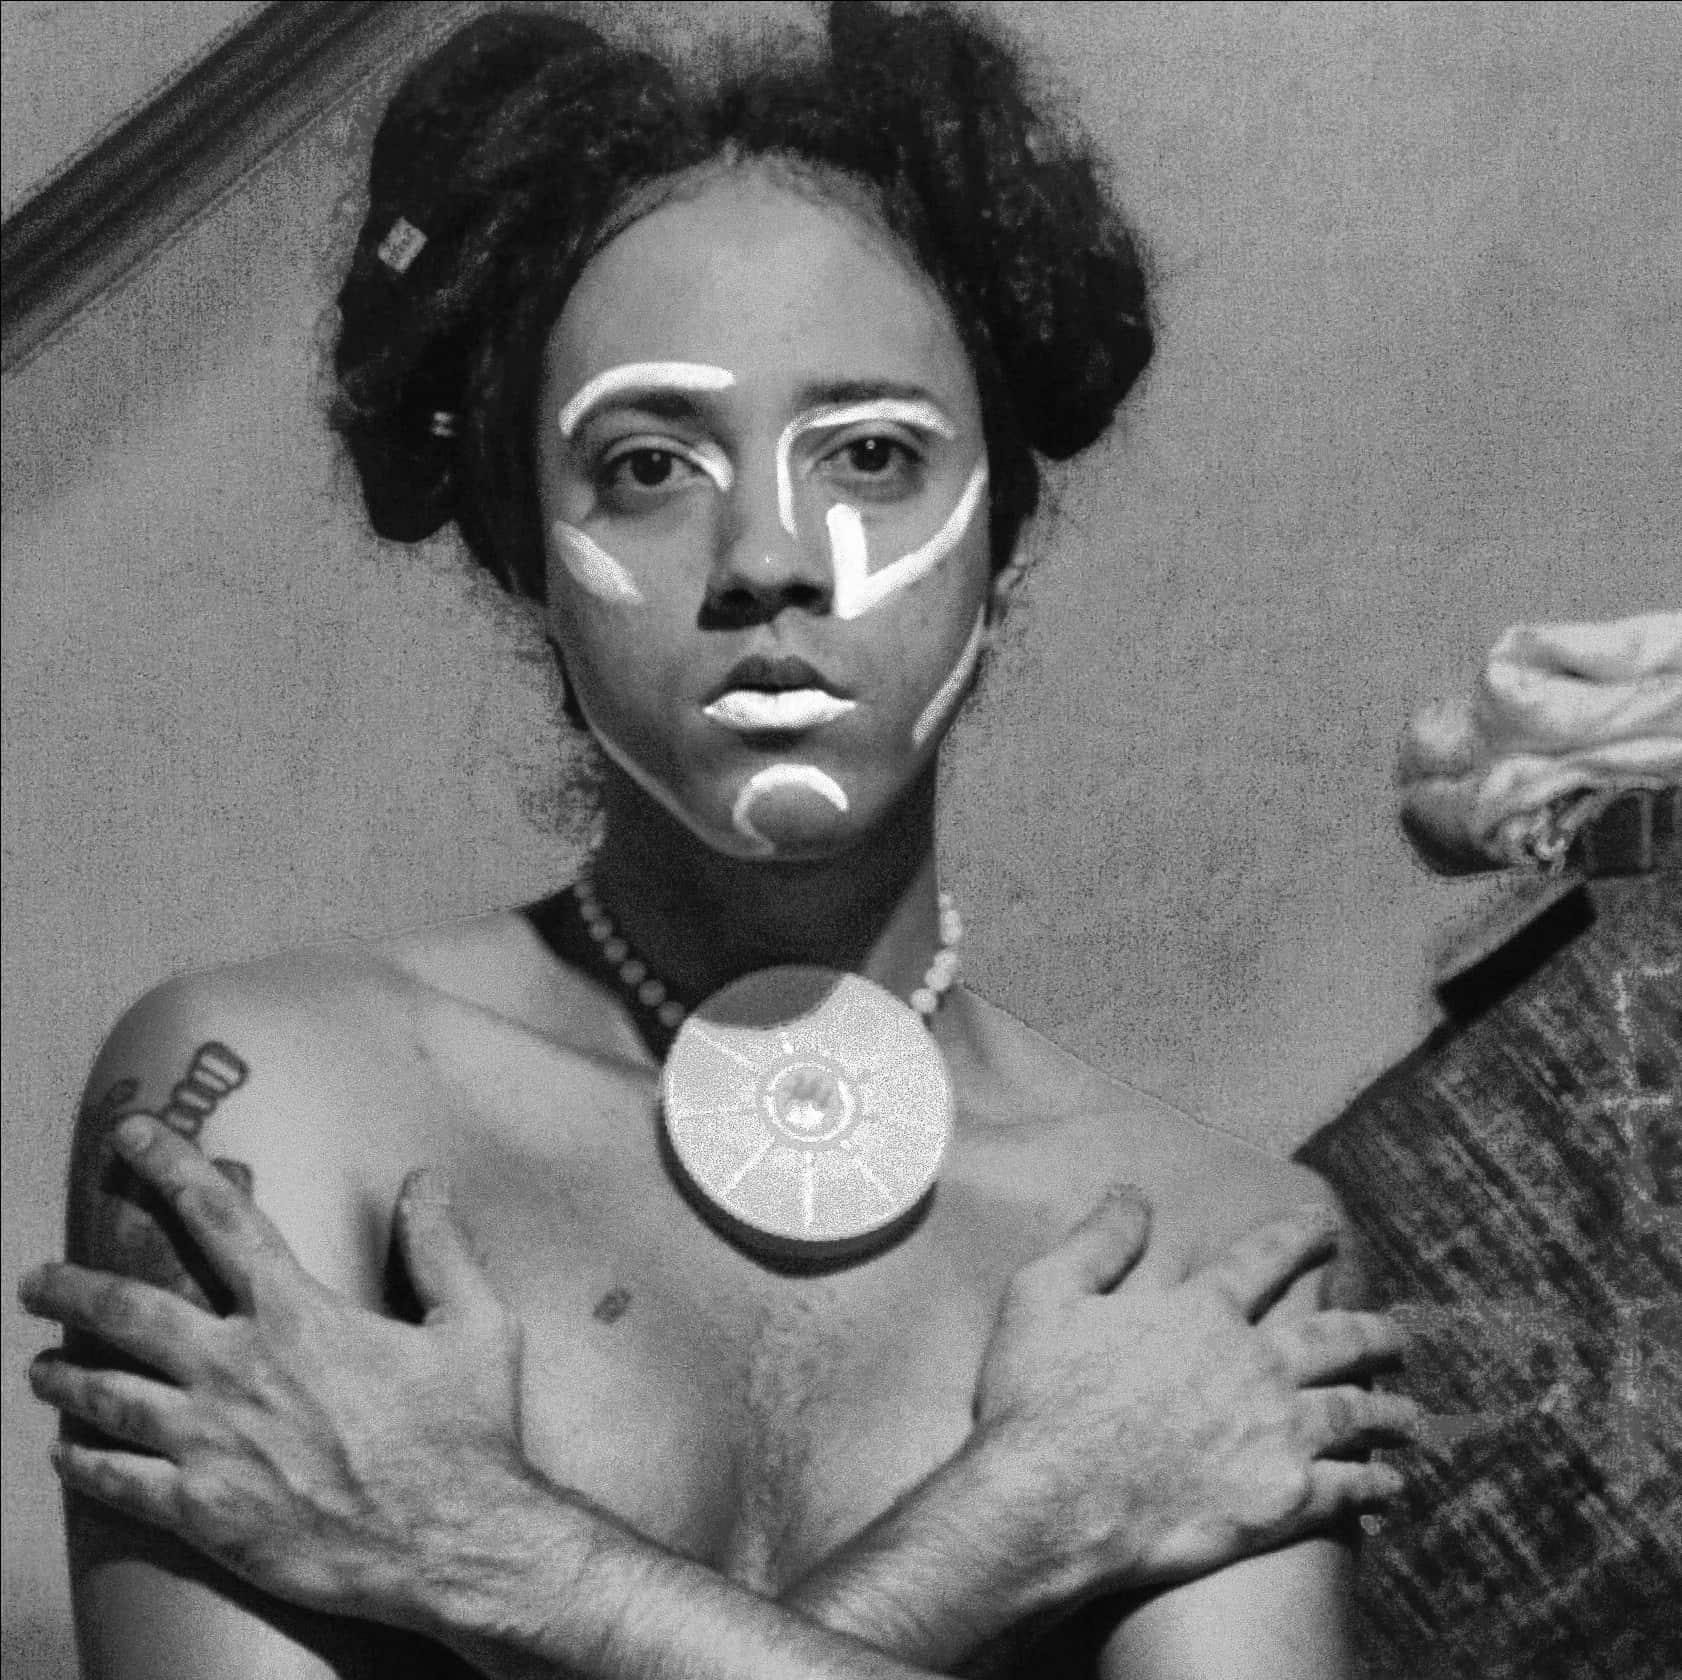 """A perfomer Bruma, também conhecida como Def Ex: """"Se você for fazer pink money, pelo menos não seja ostensivo"""". Foto: arquivo pessoal"""